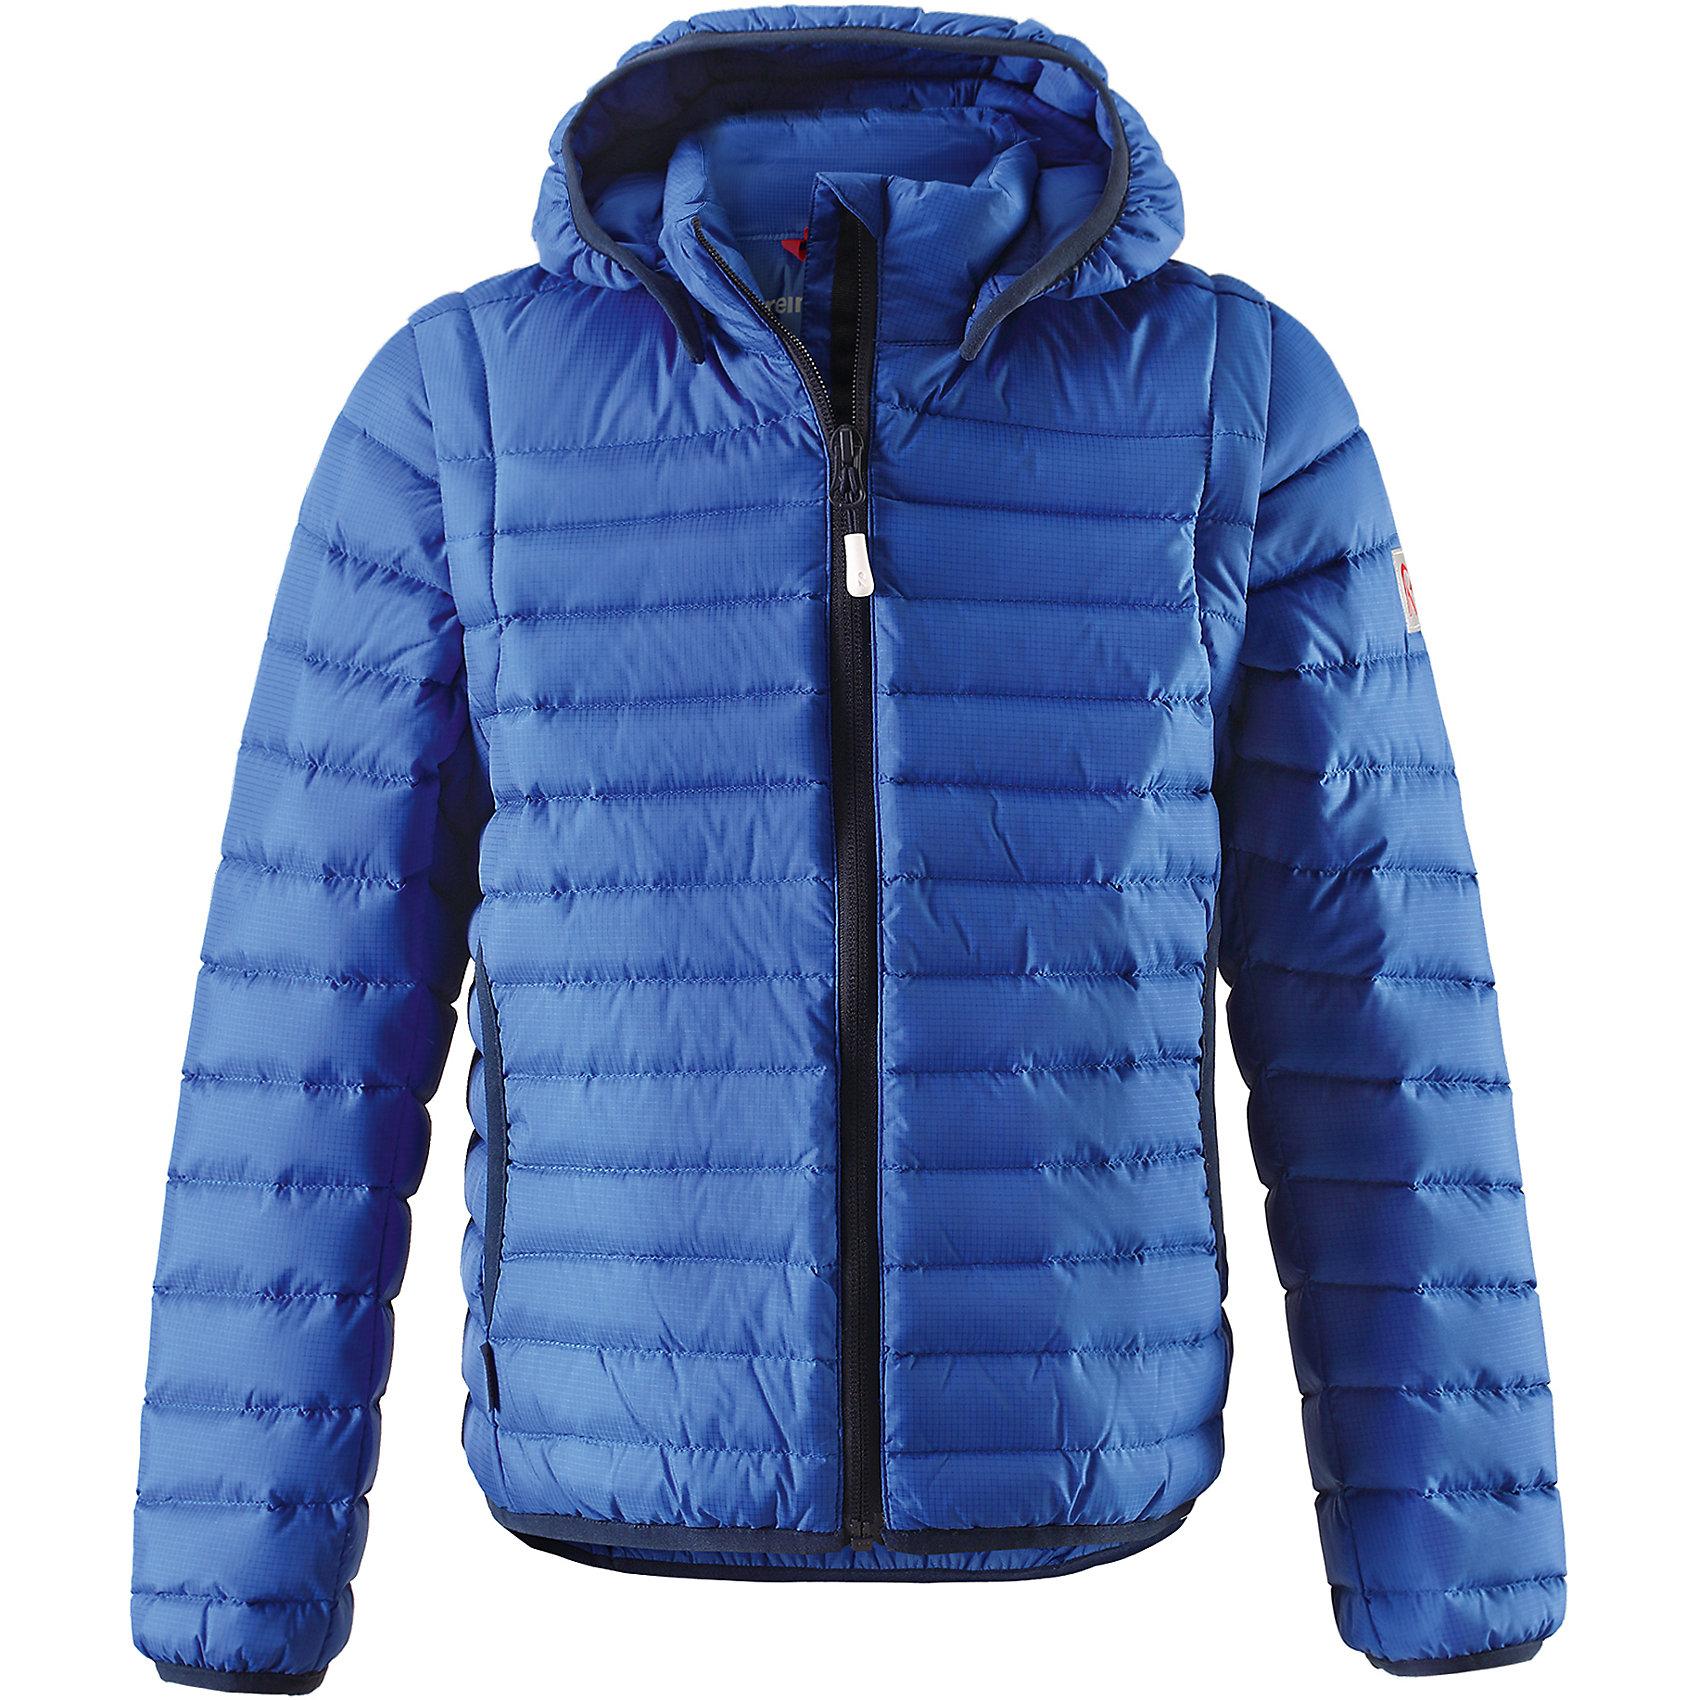 Куртка Fleet для мальчика ReimaОдежда<br>Характеристики товара:<br><br>• цвет: синий<br>• состав: 100% полиамид<br>• температурный режим: от 0°до +10°С<br>• легкий утеплитель: пух, перо 80/20<br>• износостойкость: 30000 (тест Мартиндейла)<br>• швы проклеены и водонепроницаемы<br>• ветронепроницаемый «дышащий» материал<br>• водоотталкивающий верх<br>• эластичная сборка по краю капюшона, на манжетах и на подоле<br>• отстегивающиеся рукава на молнии<br>• безопасный съёмный капюшон<br>• усовершенствованная молния - ни один зубчик больше не застрянет!<br>• два боковых кармана<br>• светоотражающие детали<br>• комфортная посадка<br>• страна производства: Китай<br>• страна бренда: Финляндия<br>• коллекция: весна-лето 2017<br><br>Верхняя одежда для детей может быть модной и комфортной одновременно! Демисезонная куртка поможет обеспечить ребенку комфорт и тепло. Она отлично смотрится с различной одеждой и обувью. Изделие удобно сидит и модно выглядит. Материал - прочный, хорошо подходящий для межсезонья. Стильный дизайн разрабатывался специально для детей.<br><br>Одежда и обувь от финского бренда Reima пользуется популярностью во многих странах. Эти изделия стильные, качественные и удобные. Для производства продукции используются только безопасные, проверенные материалы и фурнитура. Порадуйте ребенка модными и красивыми вещами от Reima! <br><br>Куртку для мальчика Reimatec® от финского бренда Reima (Рейма) можно купить в нашем интернет-магазине.<br><br>Ширина мм: 356<br>Глубина мм: 10<br>Высота мм: 245<br>Вес г: 519<br>Цвет: синий<br>Возраст от месяцев: 36<br>Возраст до месяцев: 48<br>Пол: Мужской<br>Возраст: Детский<br>Размер: 104,158,164,110,122,116,128,134,140,146,152<br>SKU: 5267700